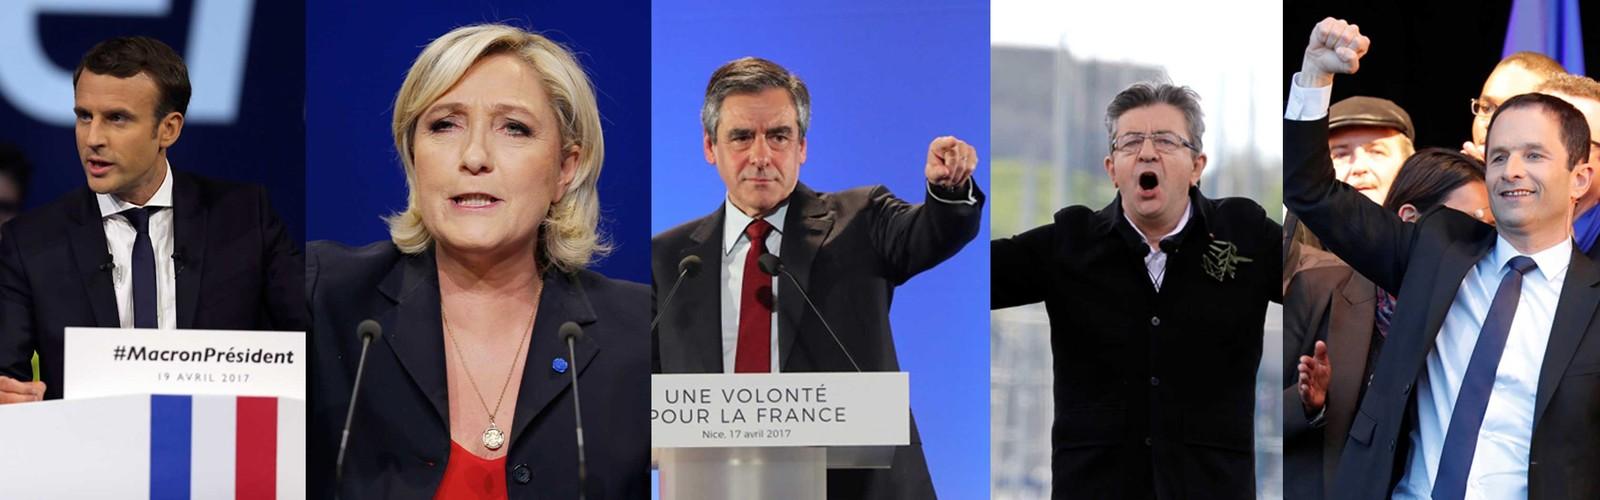 Fanceses vão às urnas em 1º turno de eleição presidencial